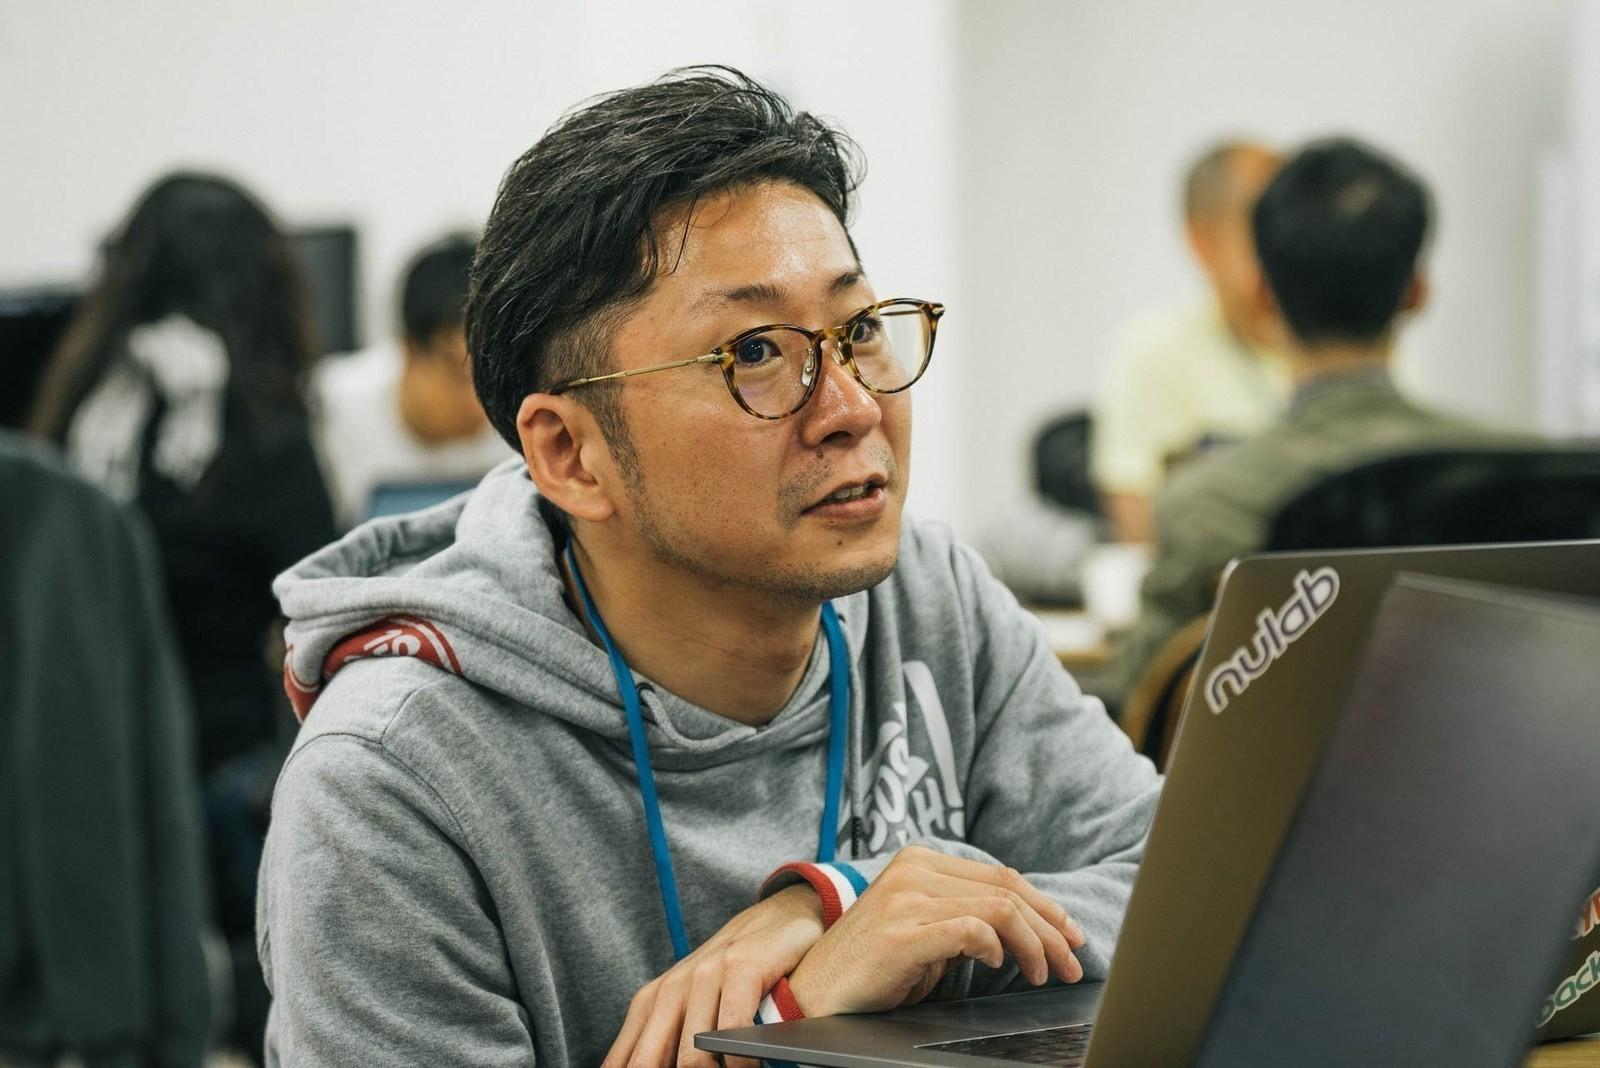 【福岡】Backlog、Cacoo他、チーム開発支援ツールの併用を便利にする「ヌーラボアカウント」を手がけるエンジニアを募集!